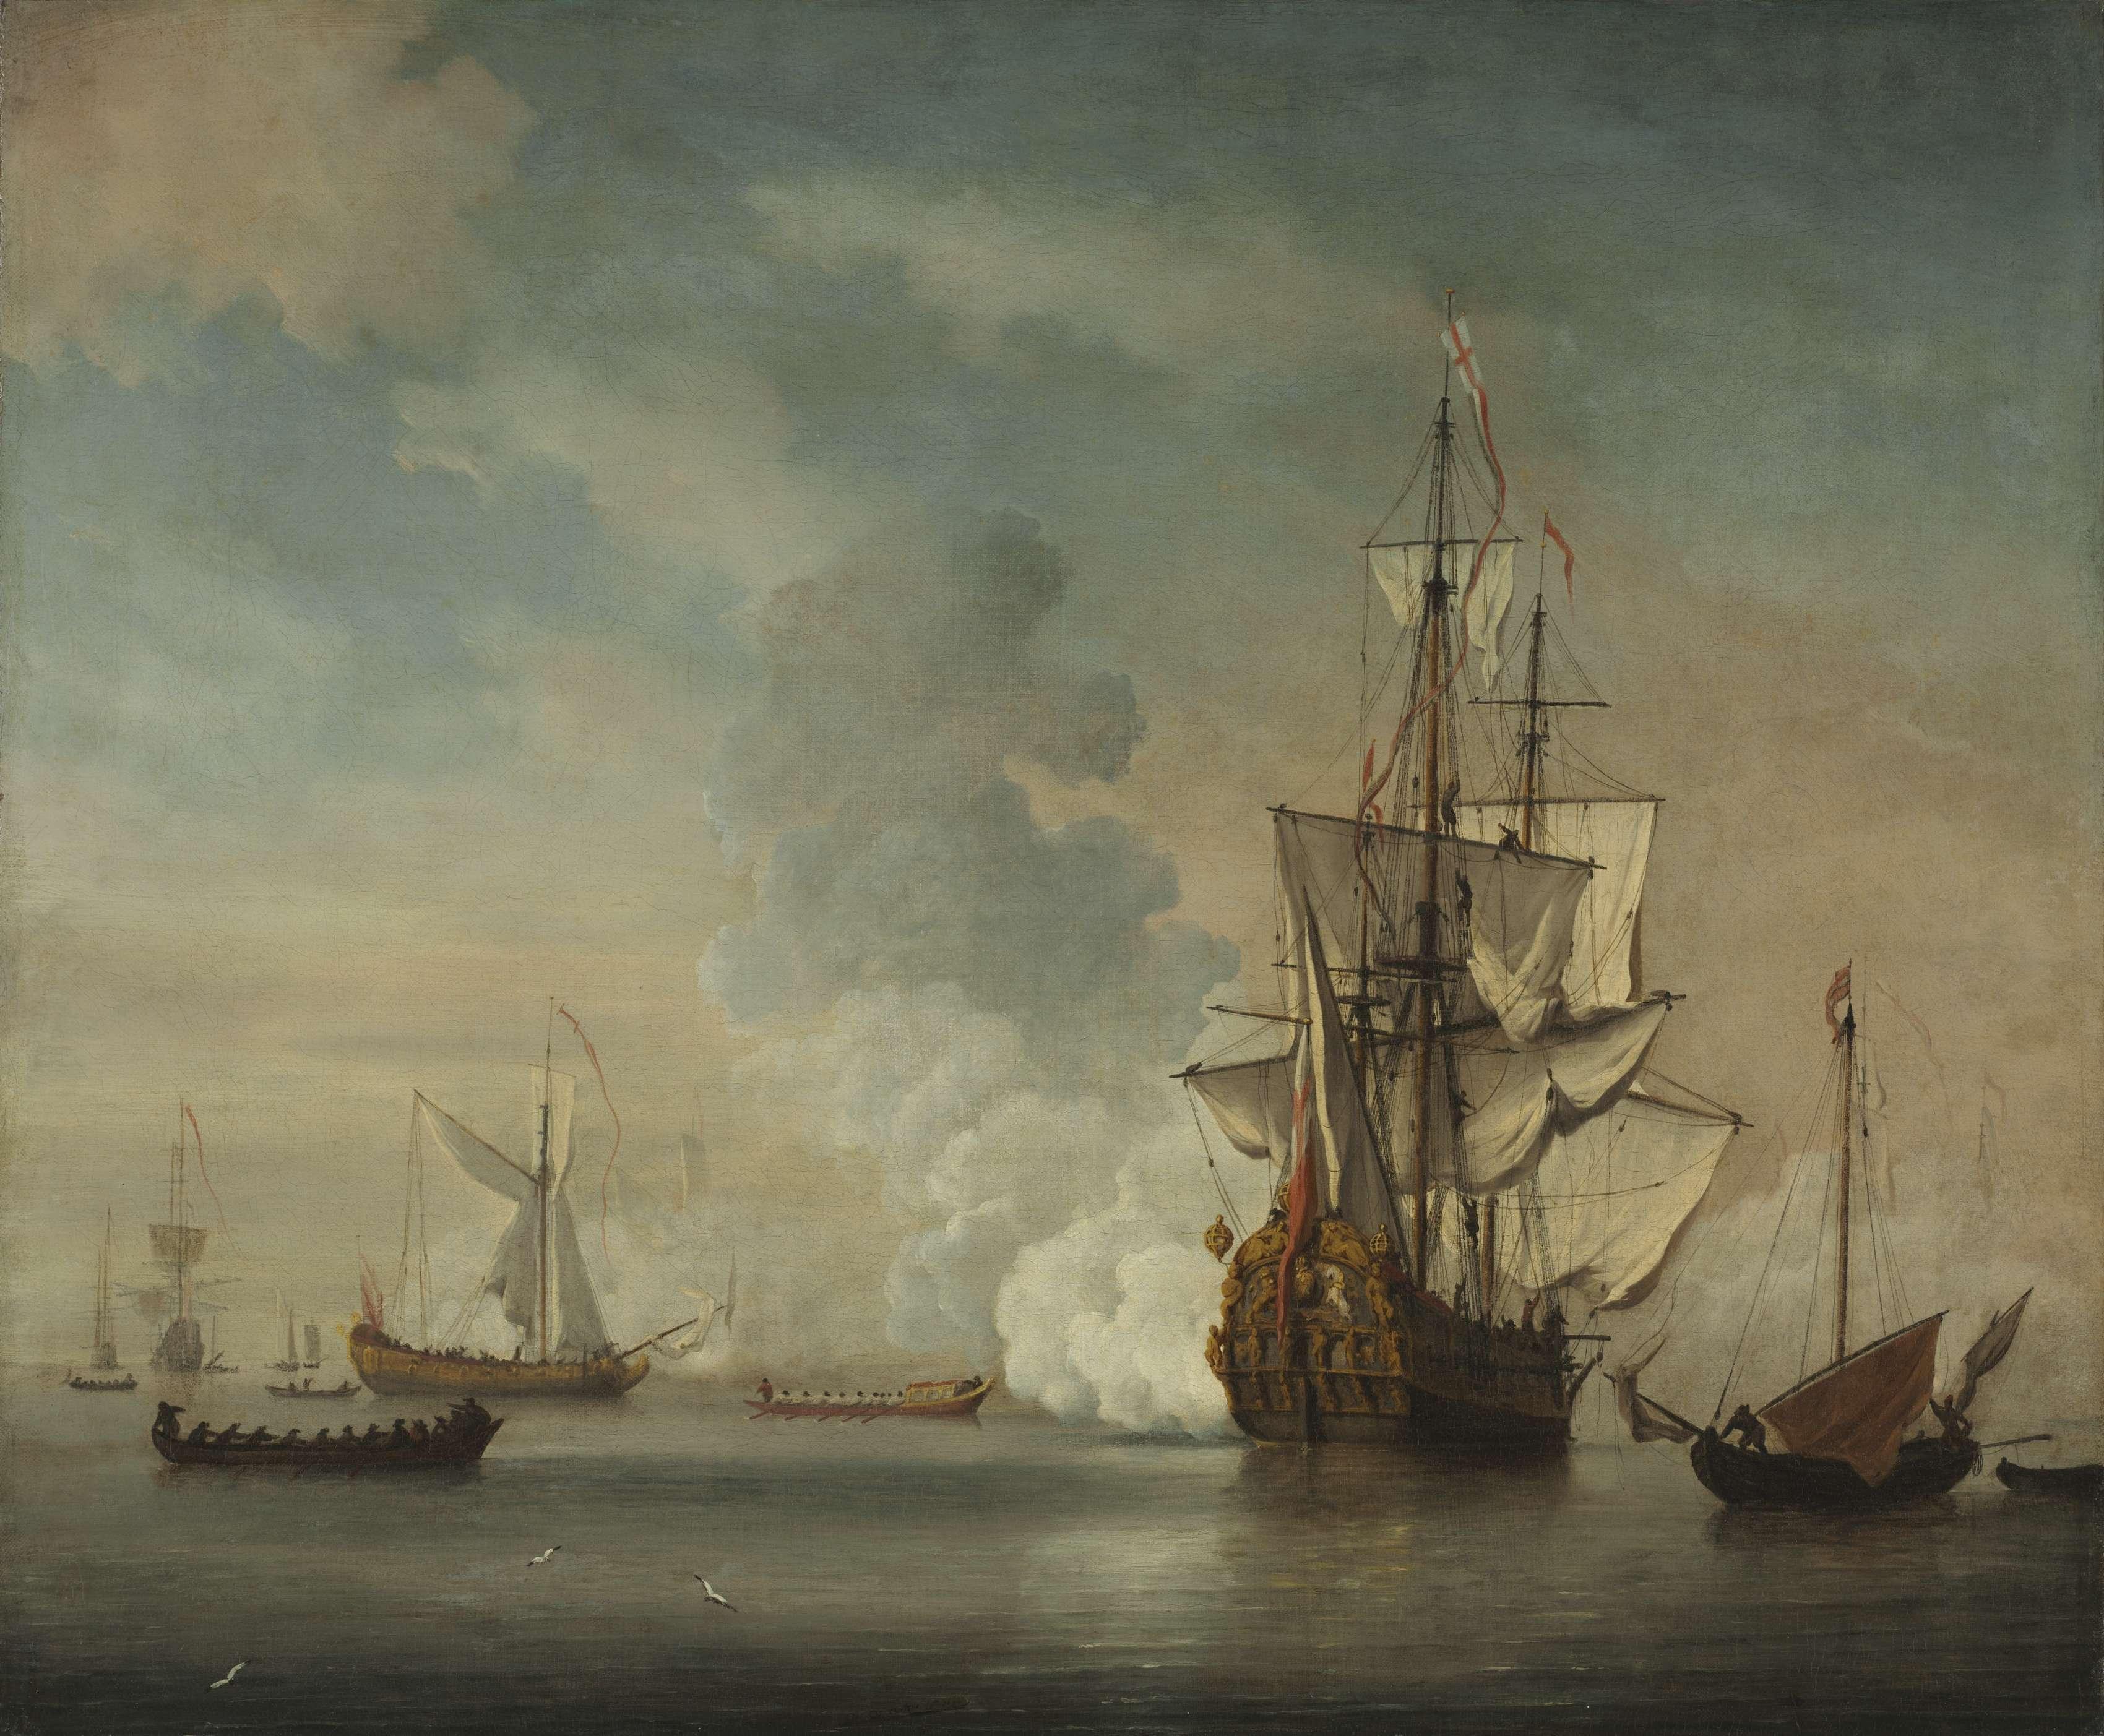 Αγγλικά πλοία. English Warship Firing a Salute. 1690. Netherlands, 17th century. Μουσείο Τέχνης του Κλίβελαντ.